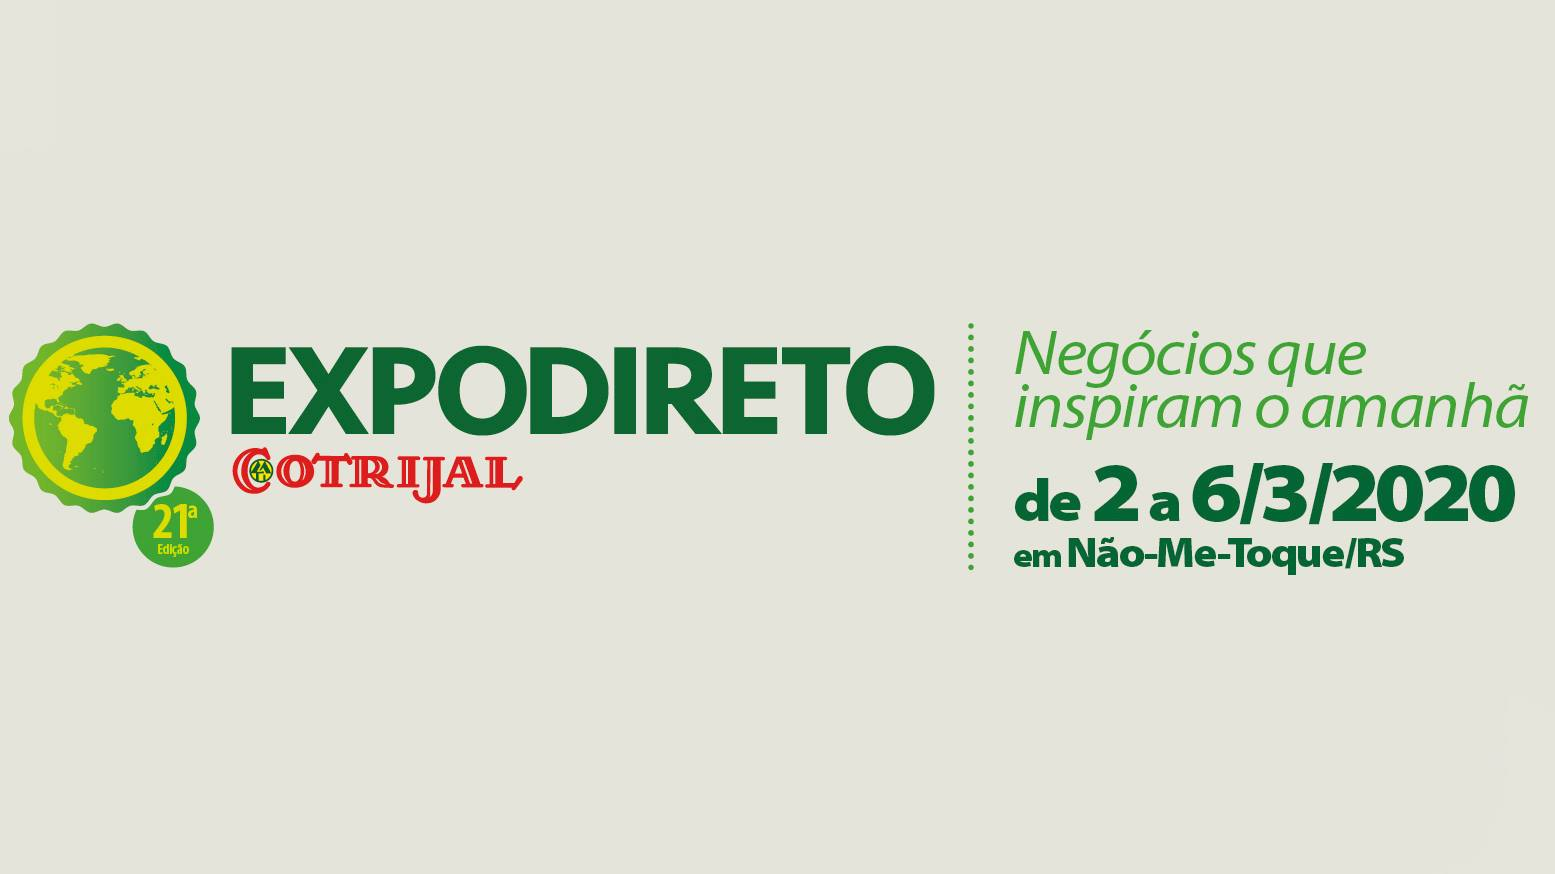 Vice-presidente da Cotrijal destaca os preparativos para a Expodireto 2020